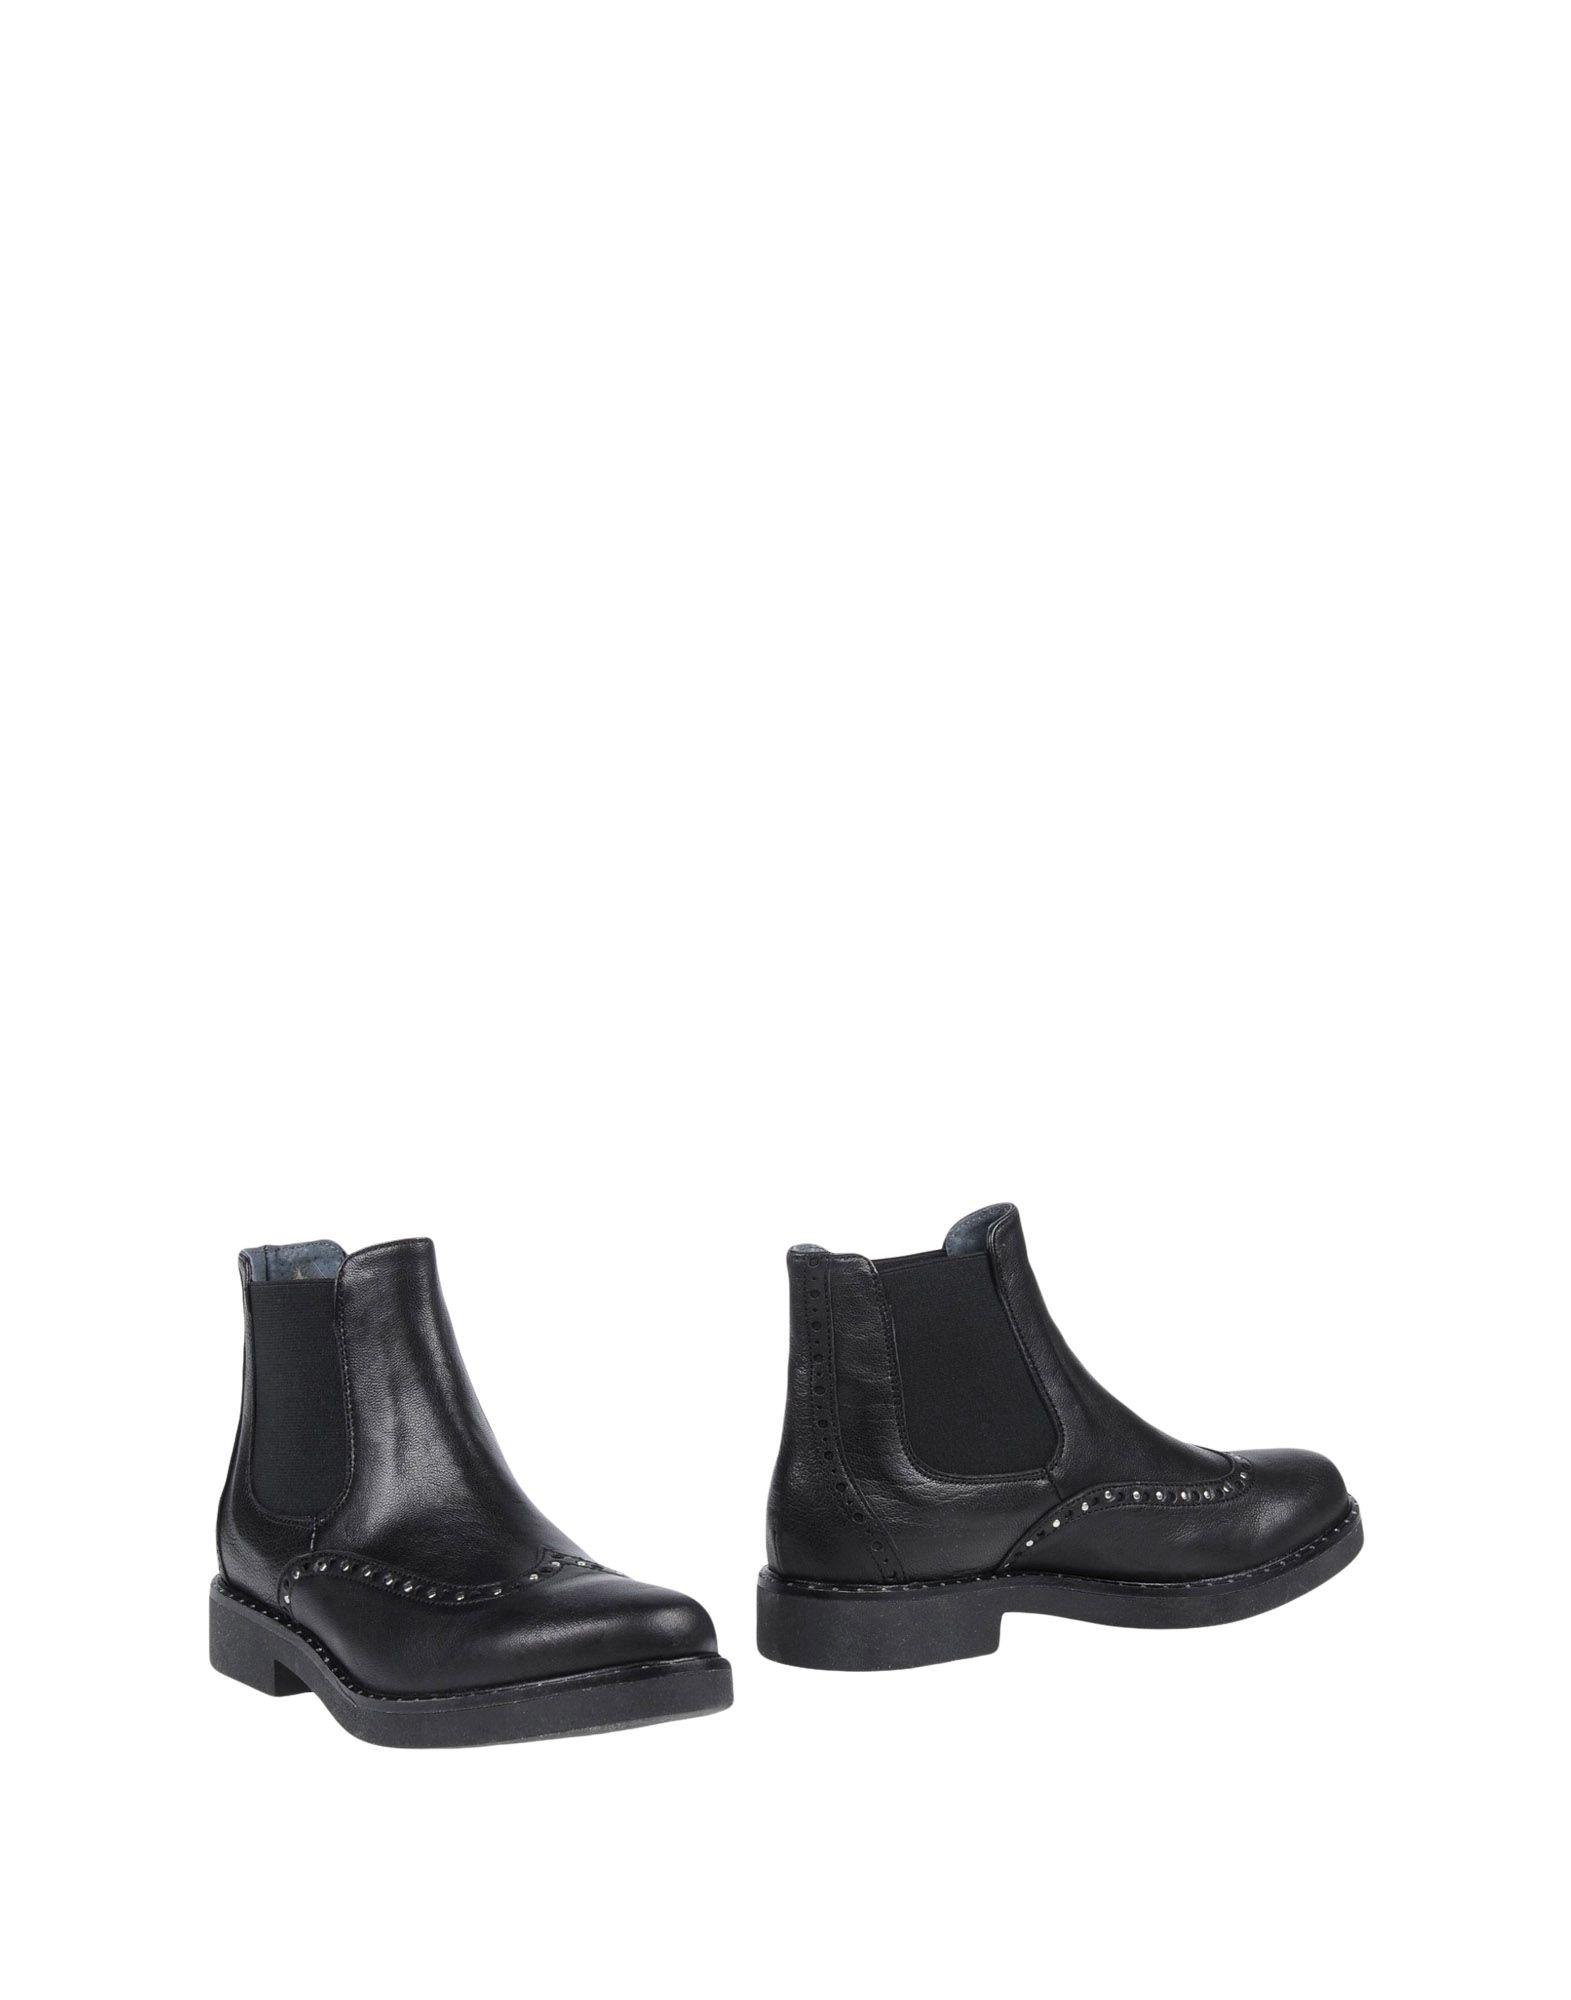 Oroscuro Chelsea Boots Damen   Damen 11456068VQ Gute Qualität beliebte Schuhe aa21f9